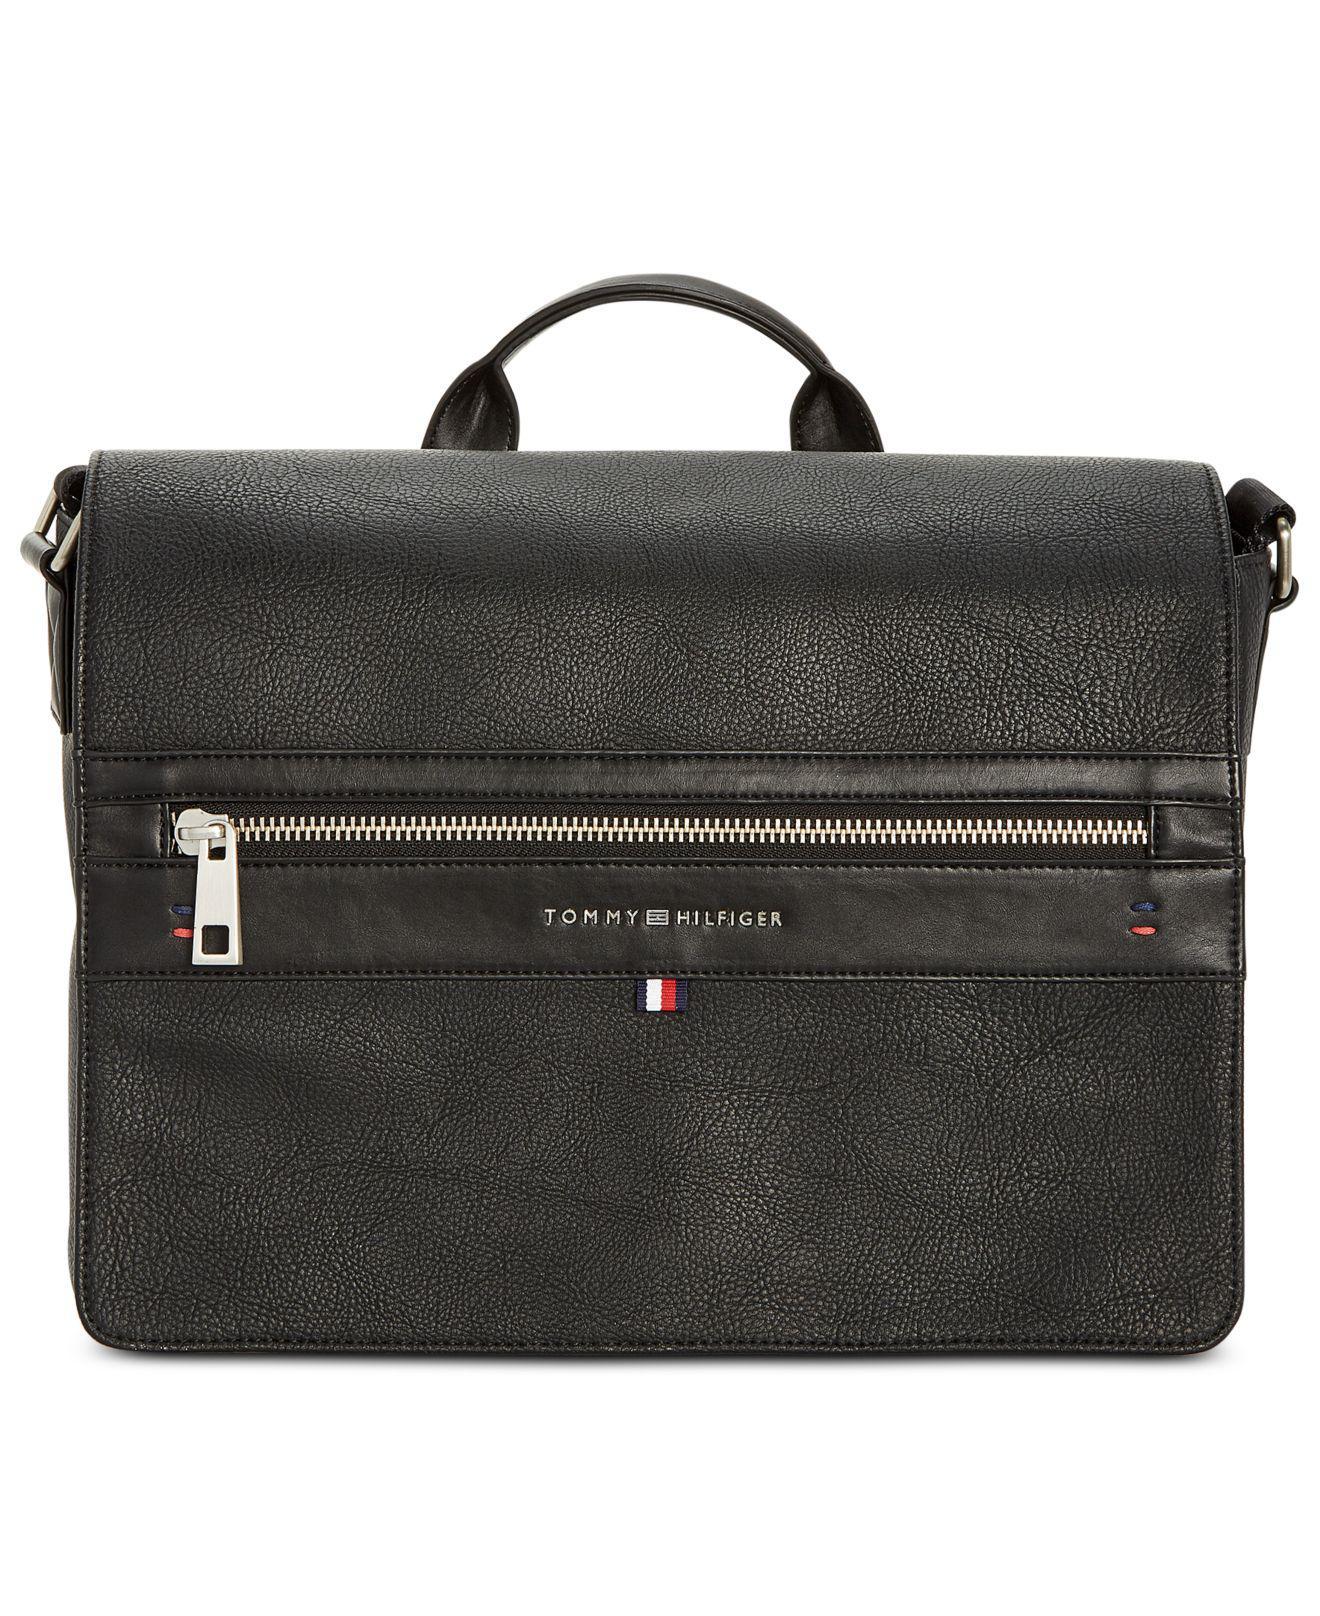 46d32e0694 Lyst - Tommy Hilfiger Leo Messenger Bag in Black for Men - Save ...